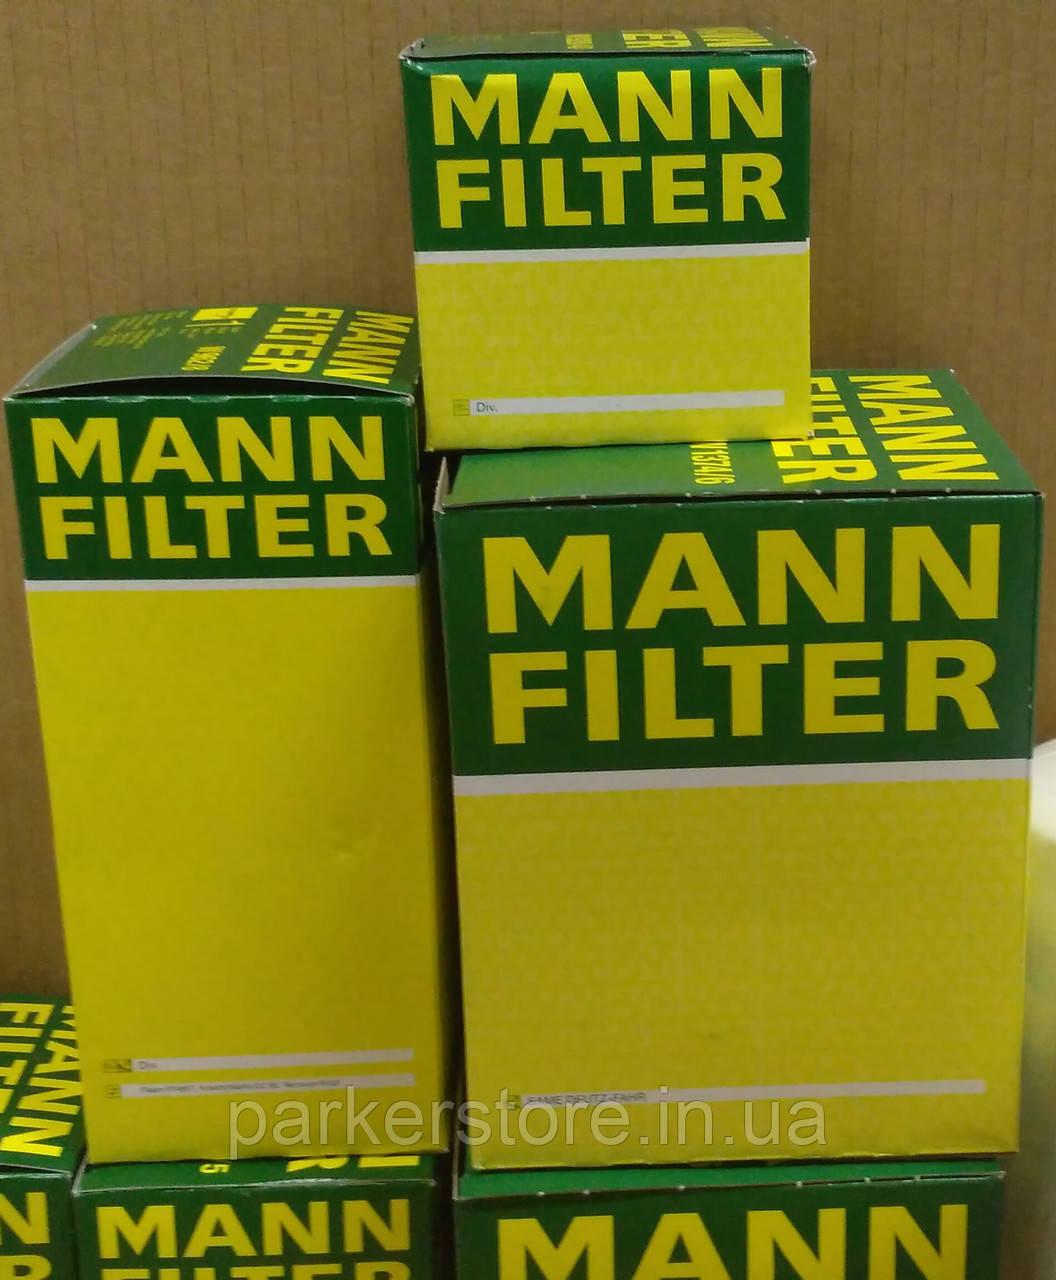 MANN FILTER / Повітряний фільтр / C 2863 / C2863